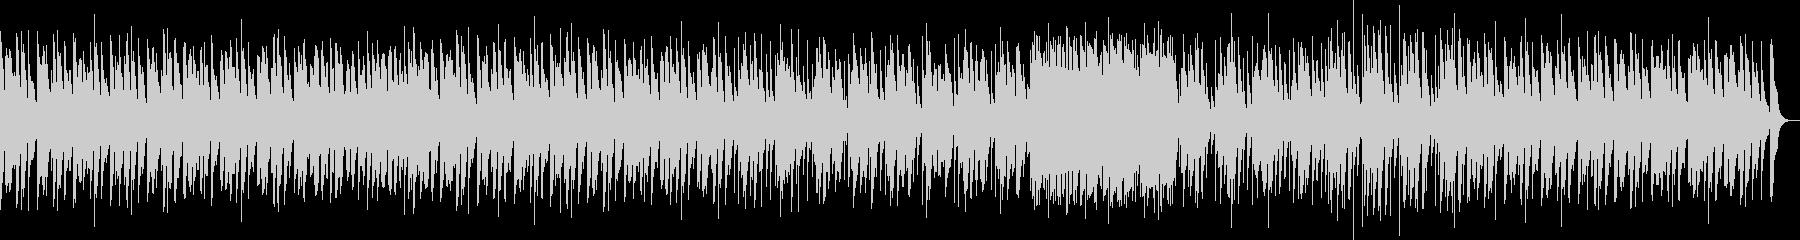 サスペンスな刻むマリンバソロの未再生の波形